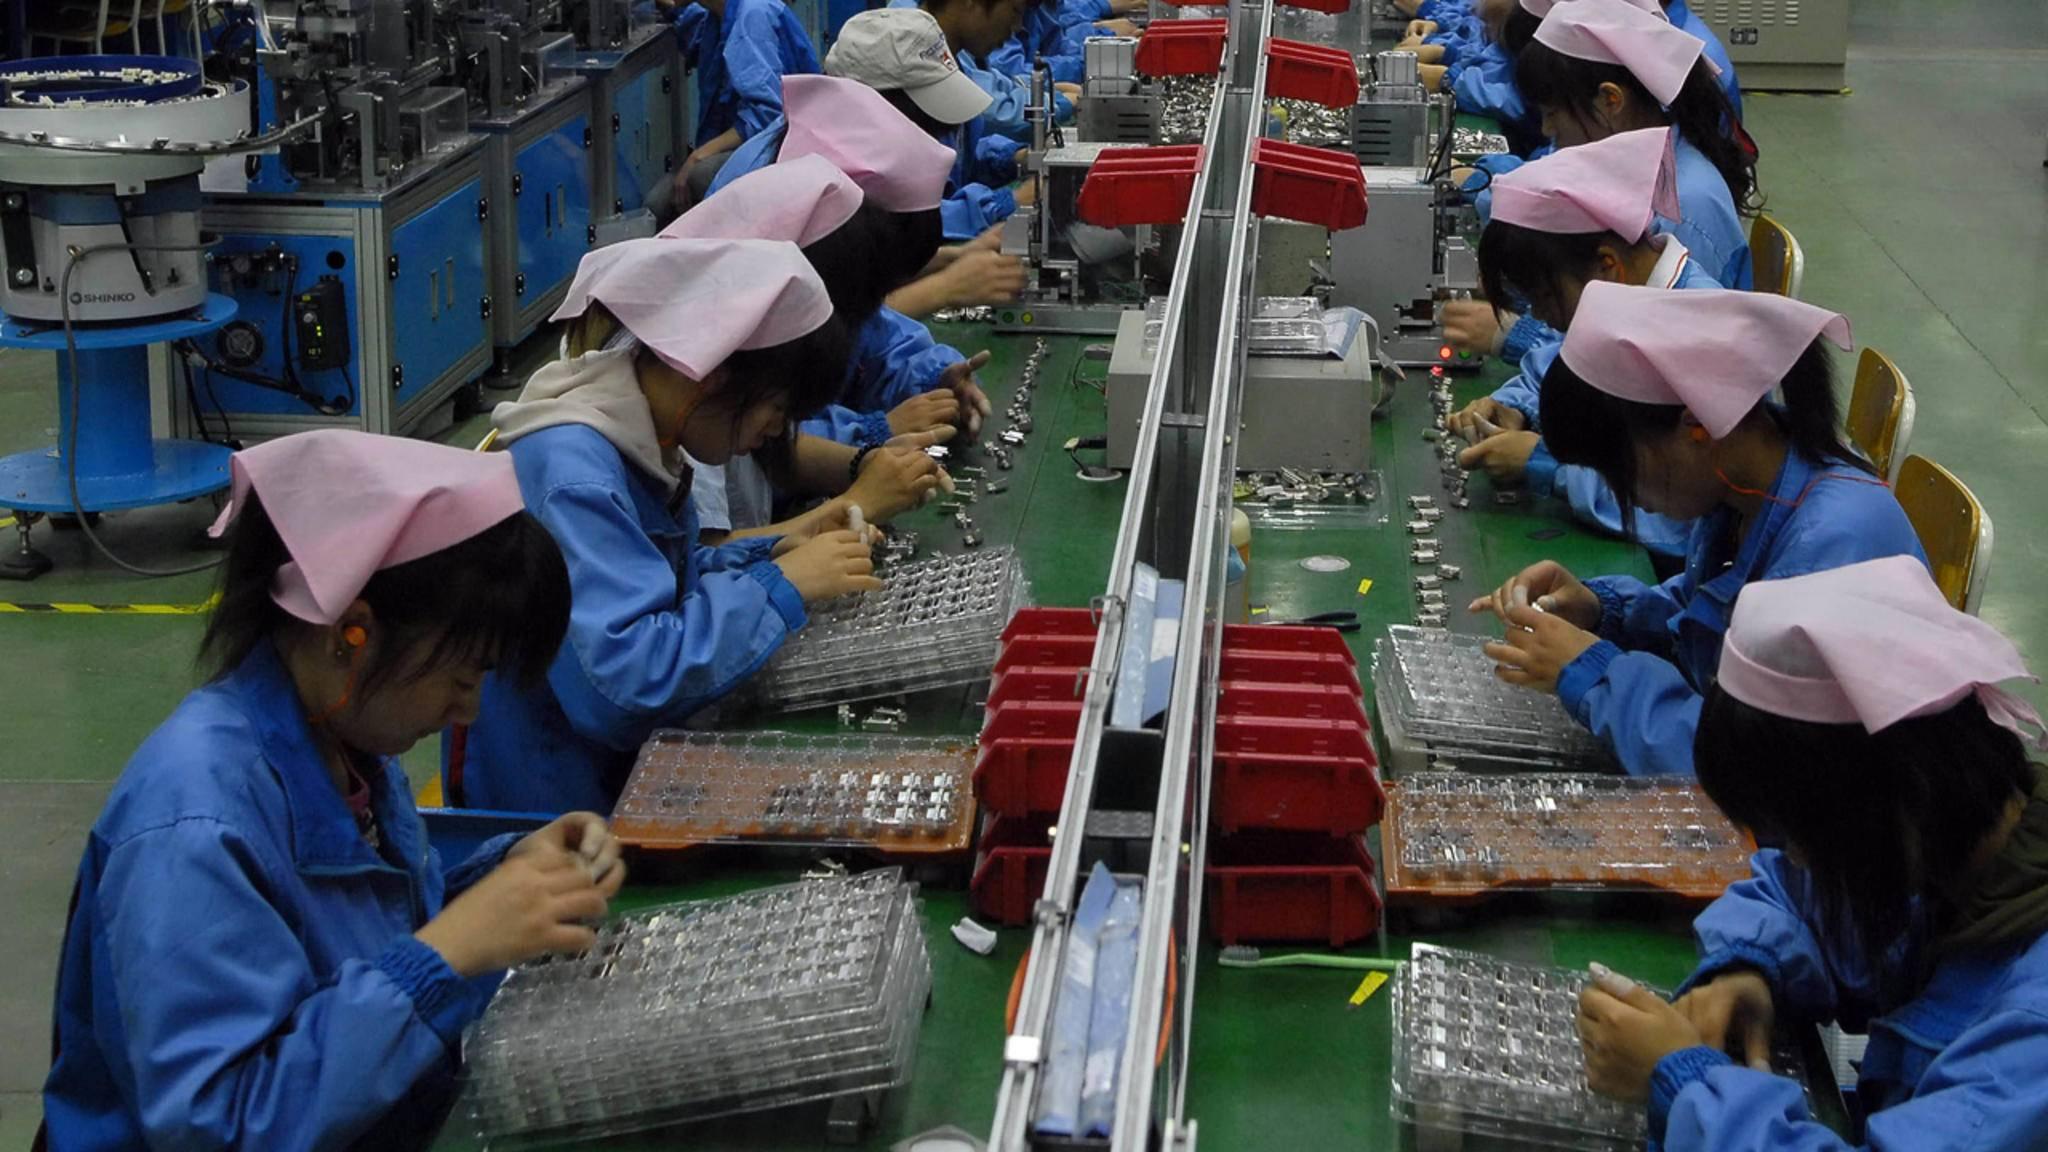 Schon bald könnte es bei iPhone-Hersteller Foxconn ganz anders aussehen.